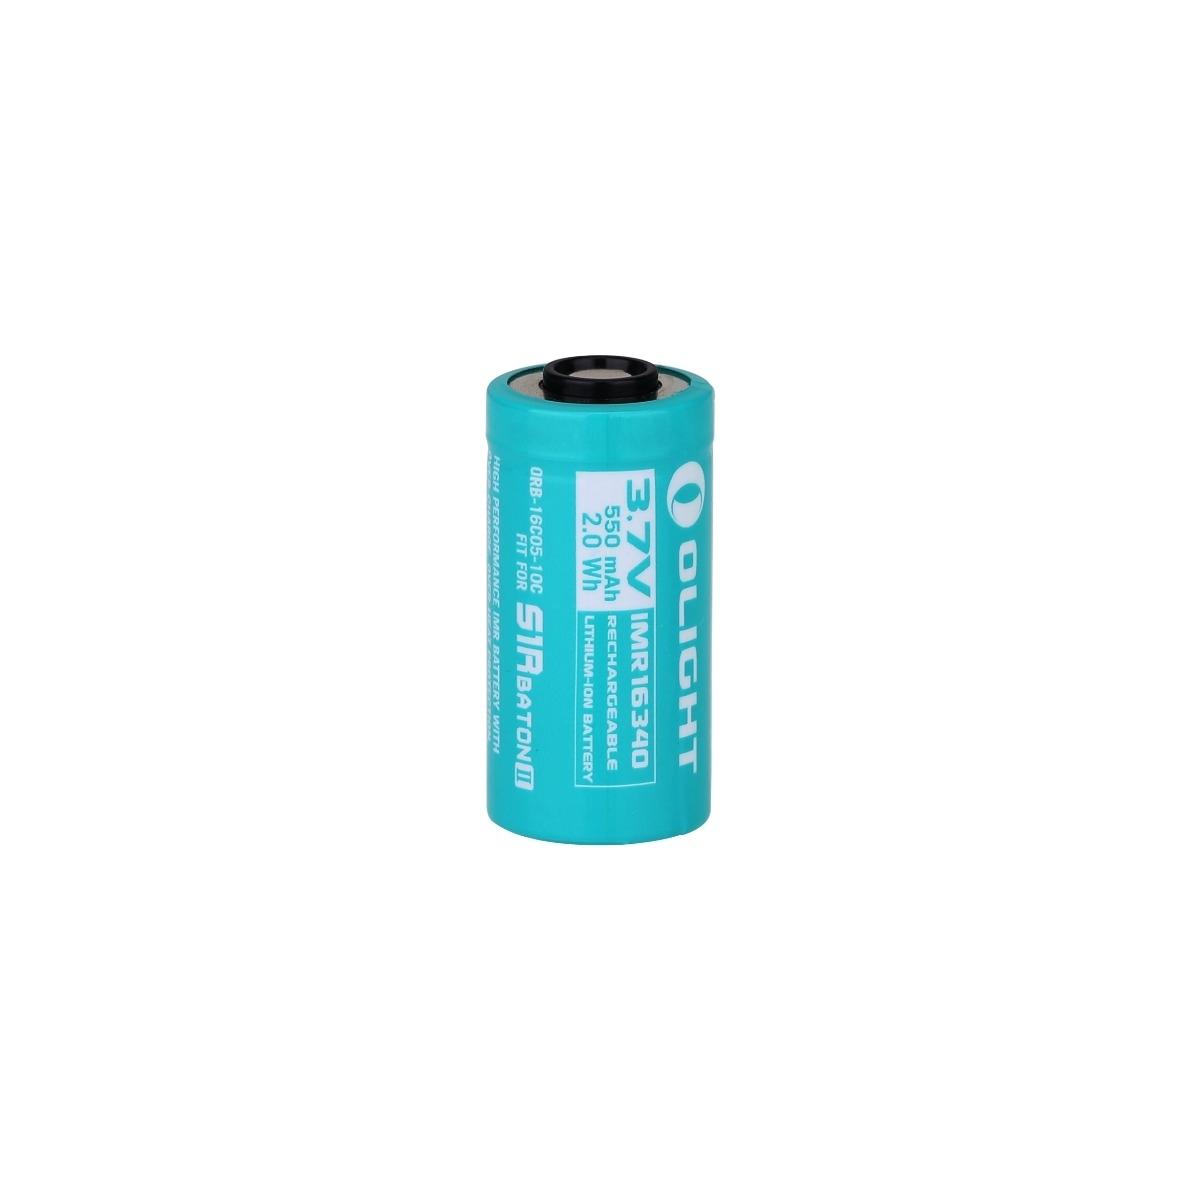 16340 (RCR123A) Customized 550mAh Battery